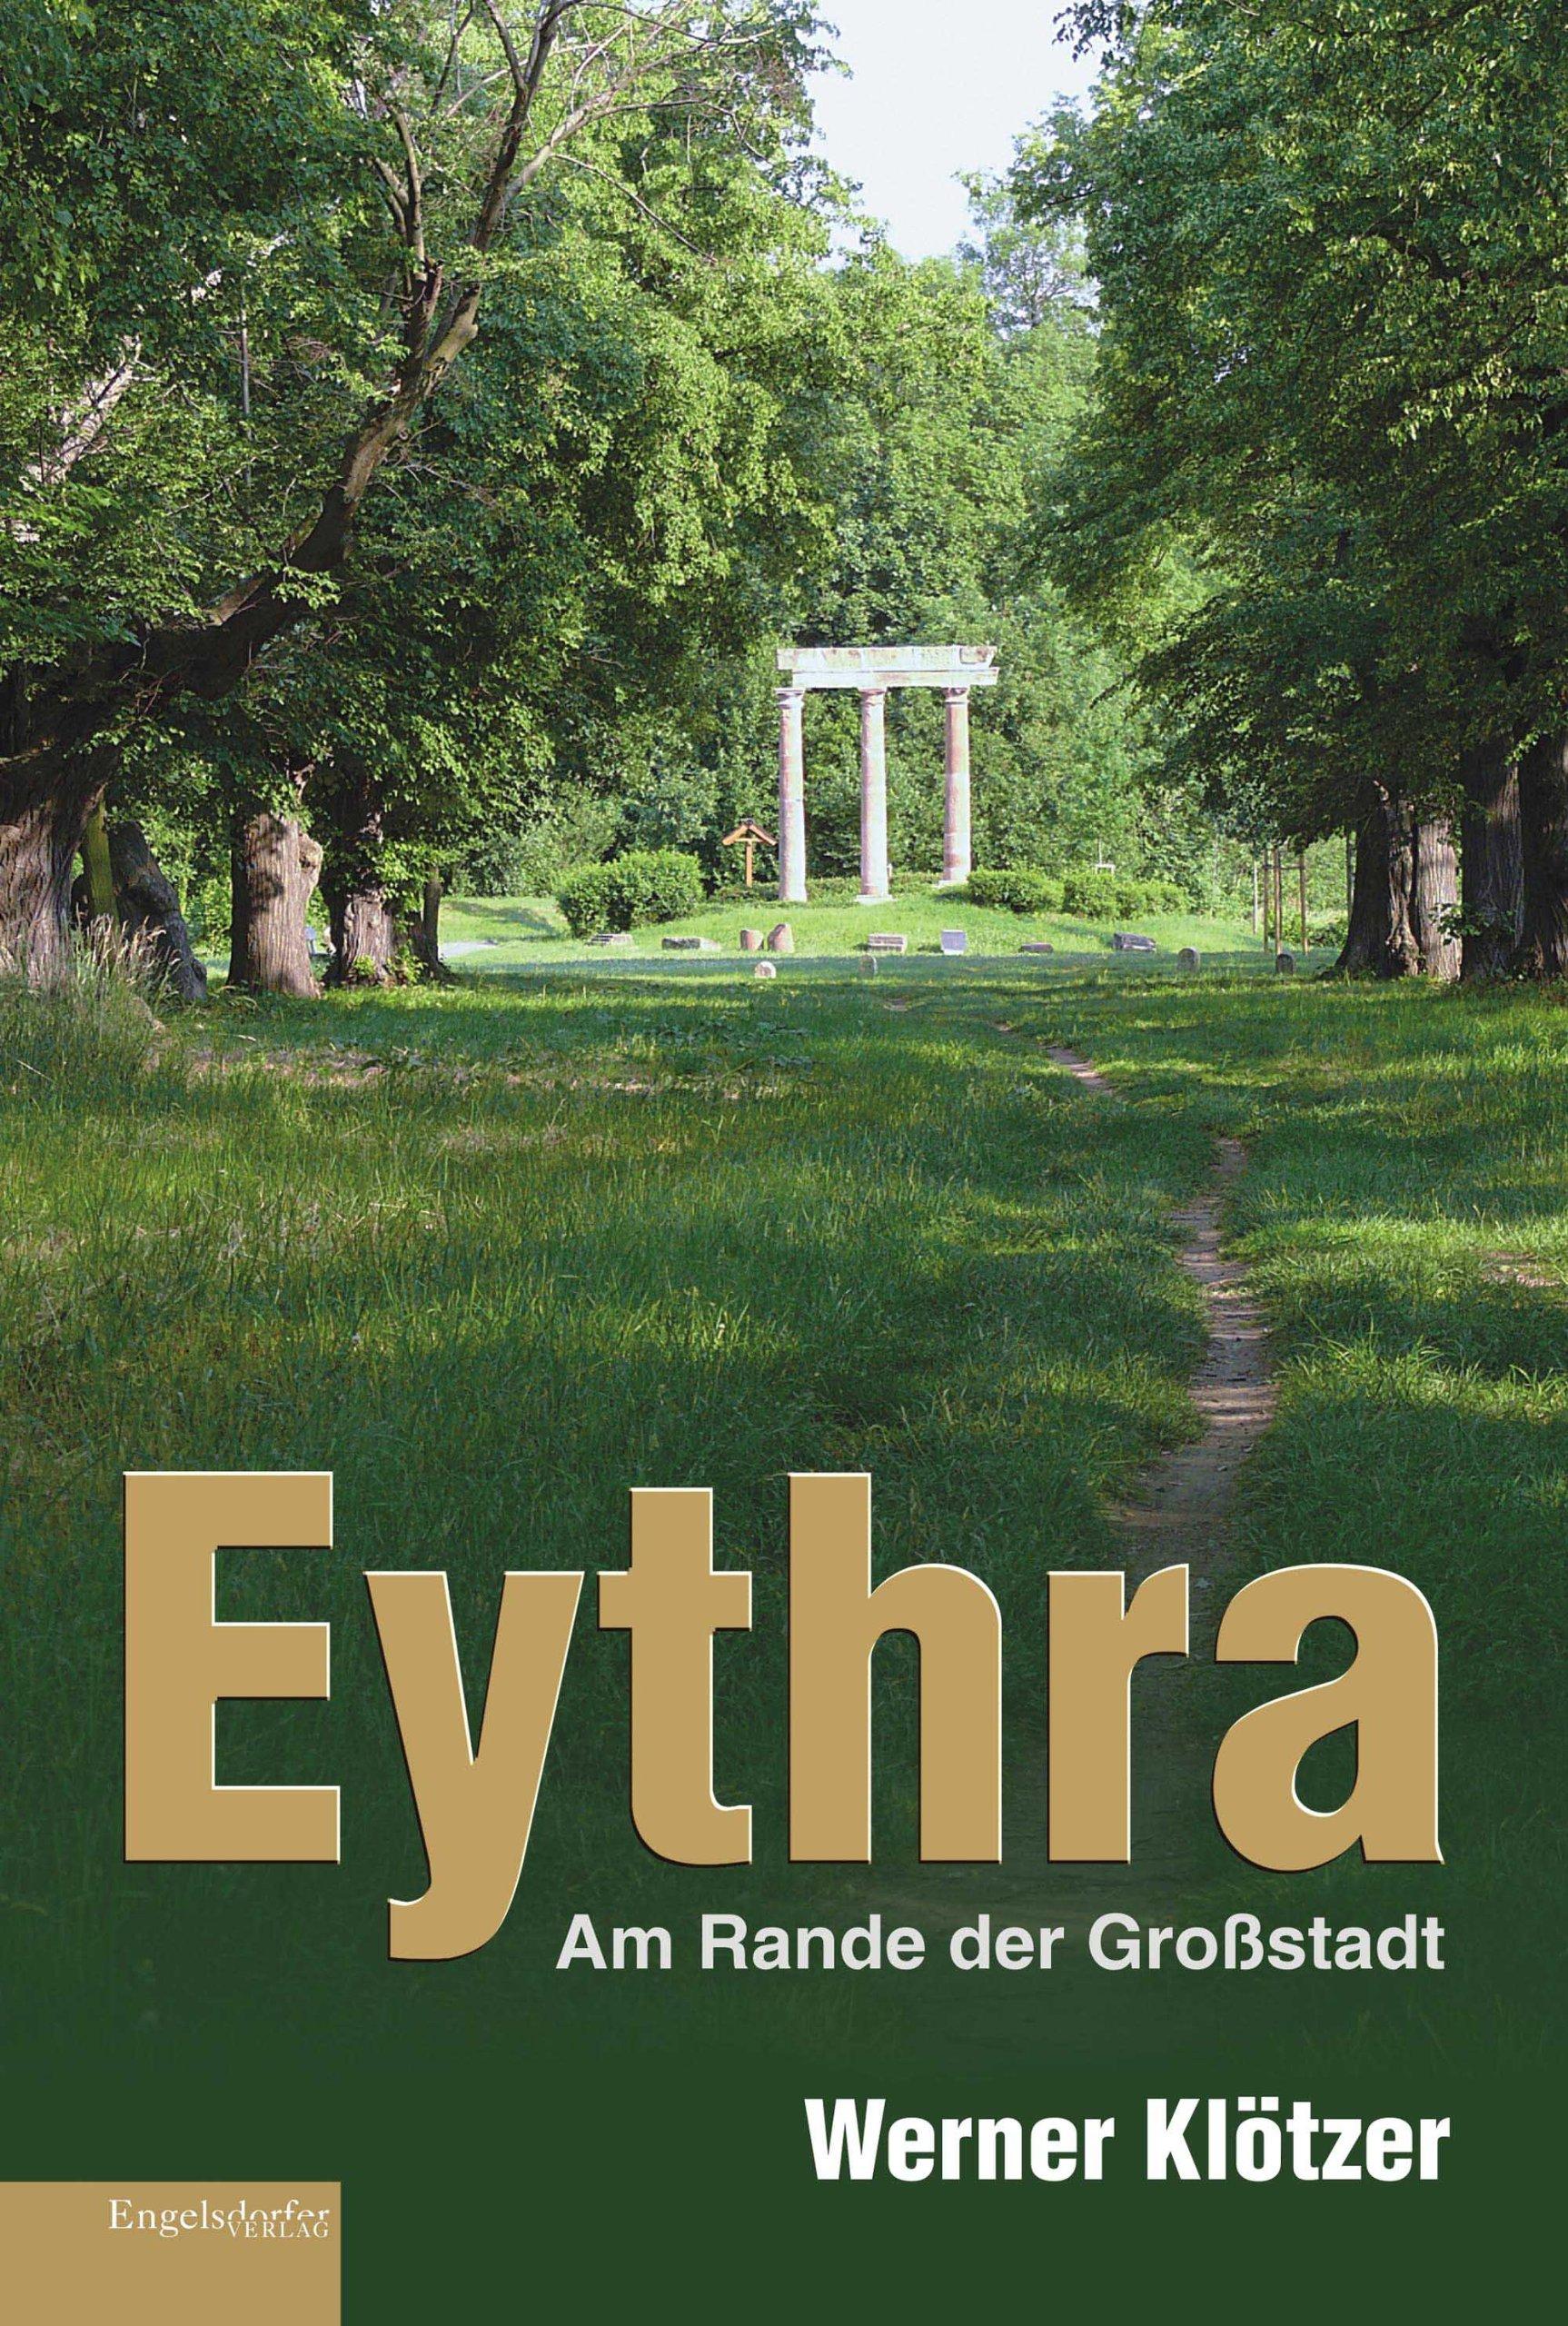 Eythra - Am Rande der Großstadt